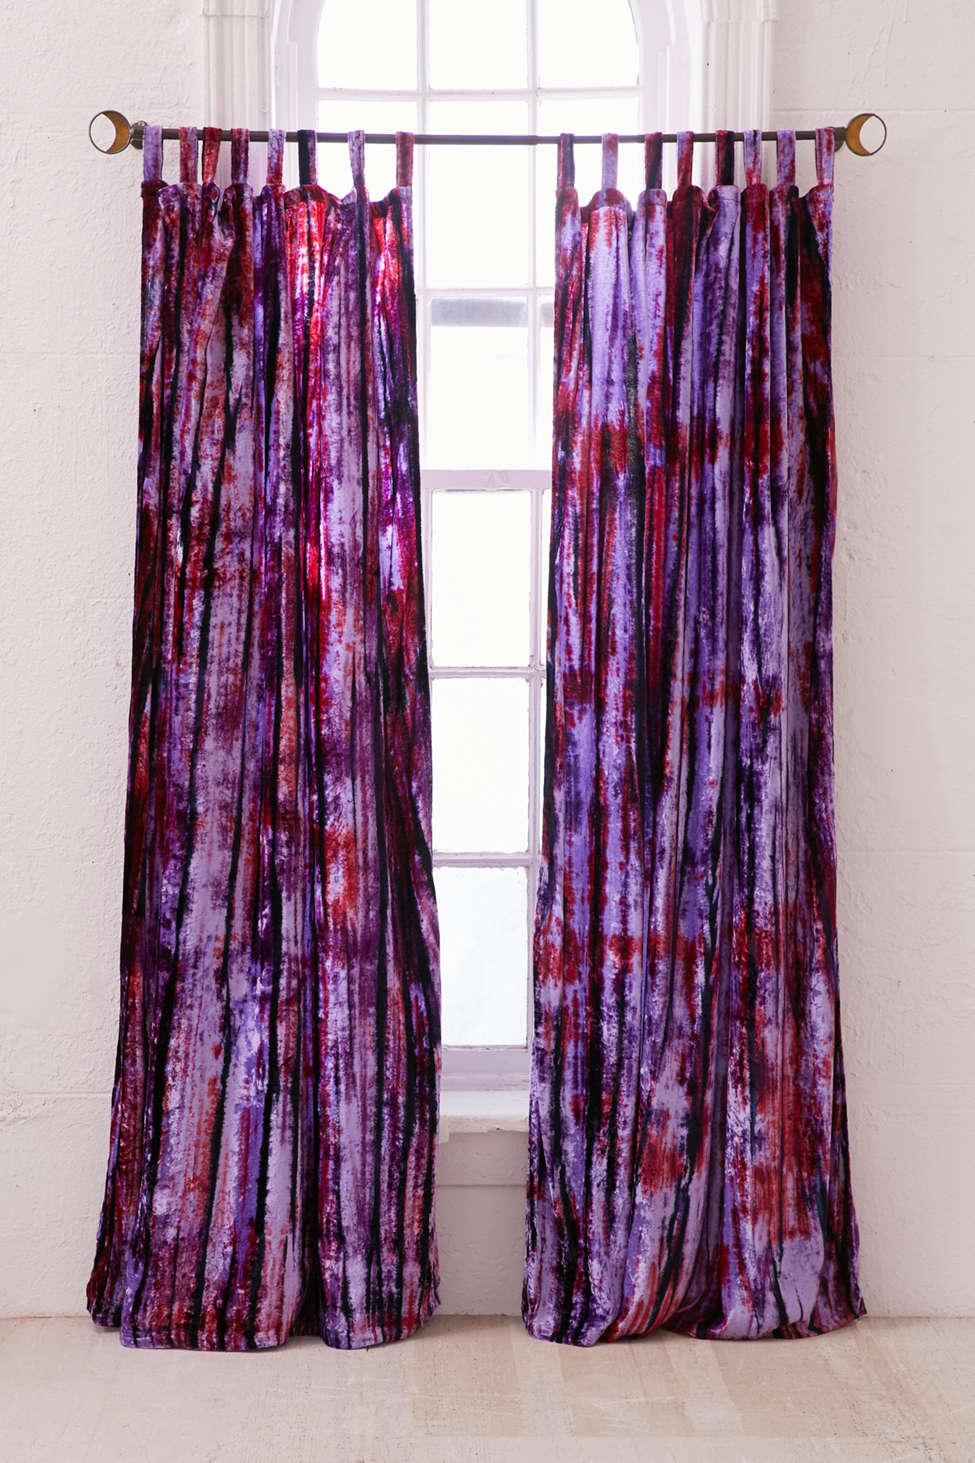 Slide View: 1: Eden Tie-Dyed Velvet Window Curtain